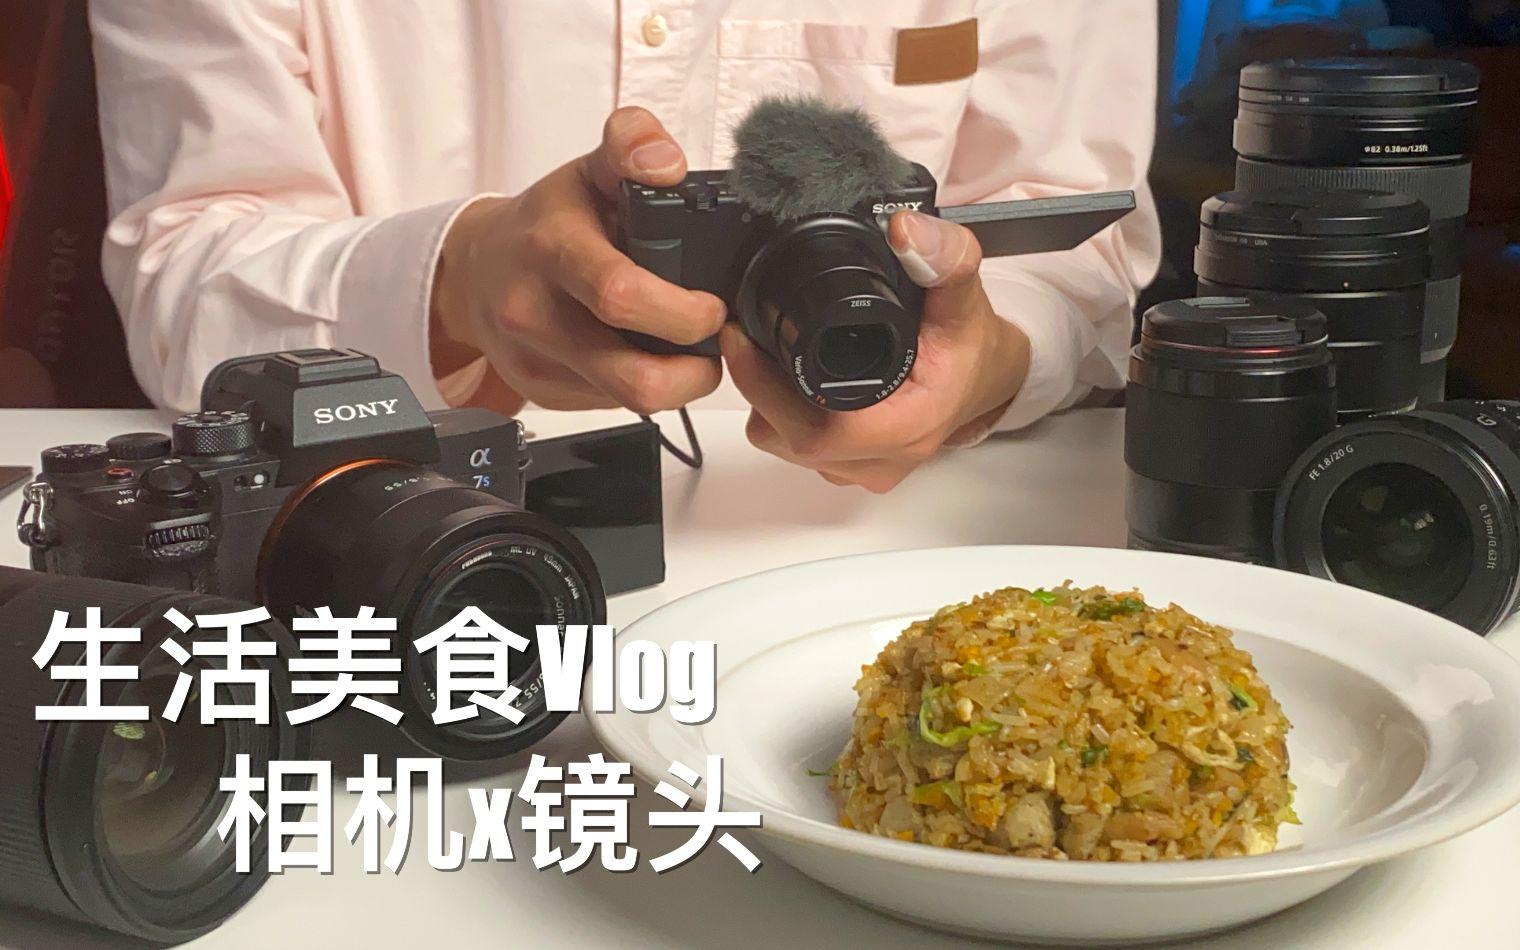 生活美食Vlog【拍摄器材】相机和镜头 | 设备分享 | 一人拍